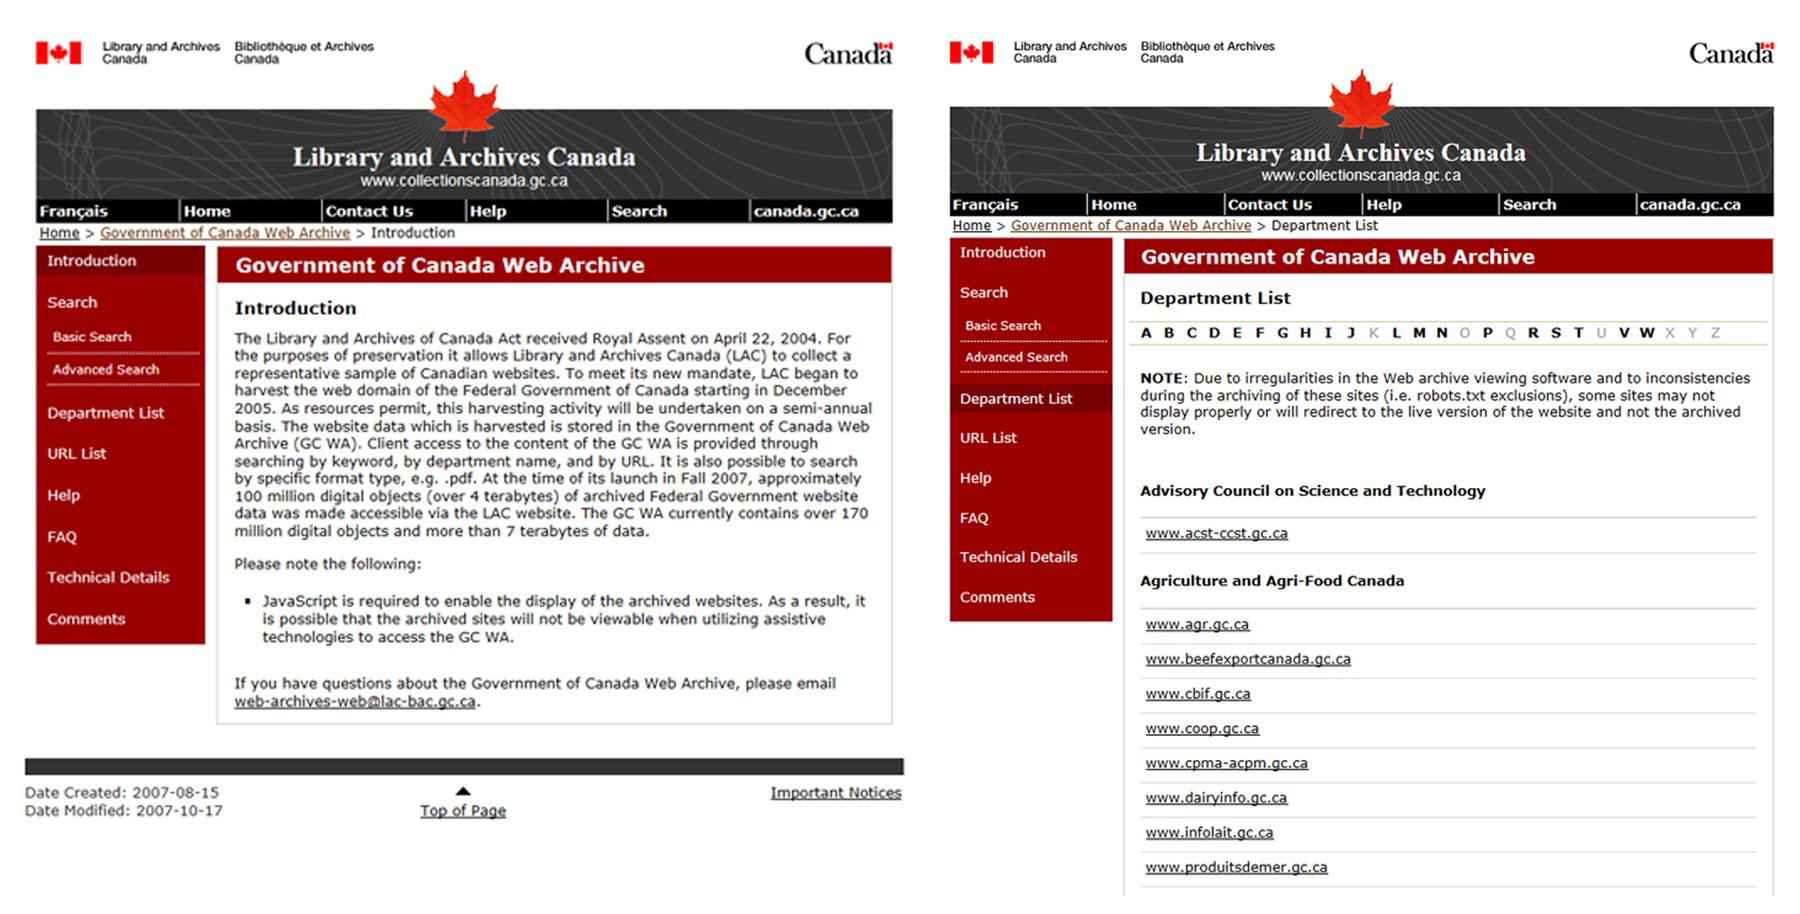 comment trouver des communiques du gouvernement canada